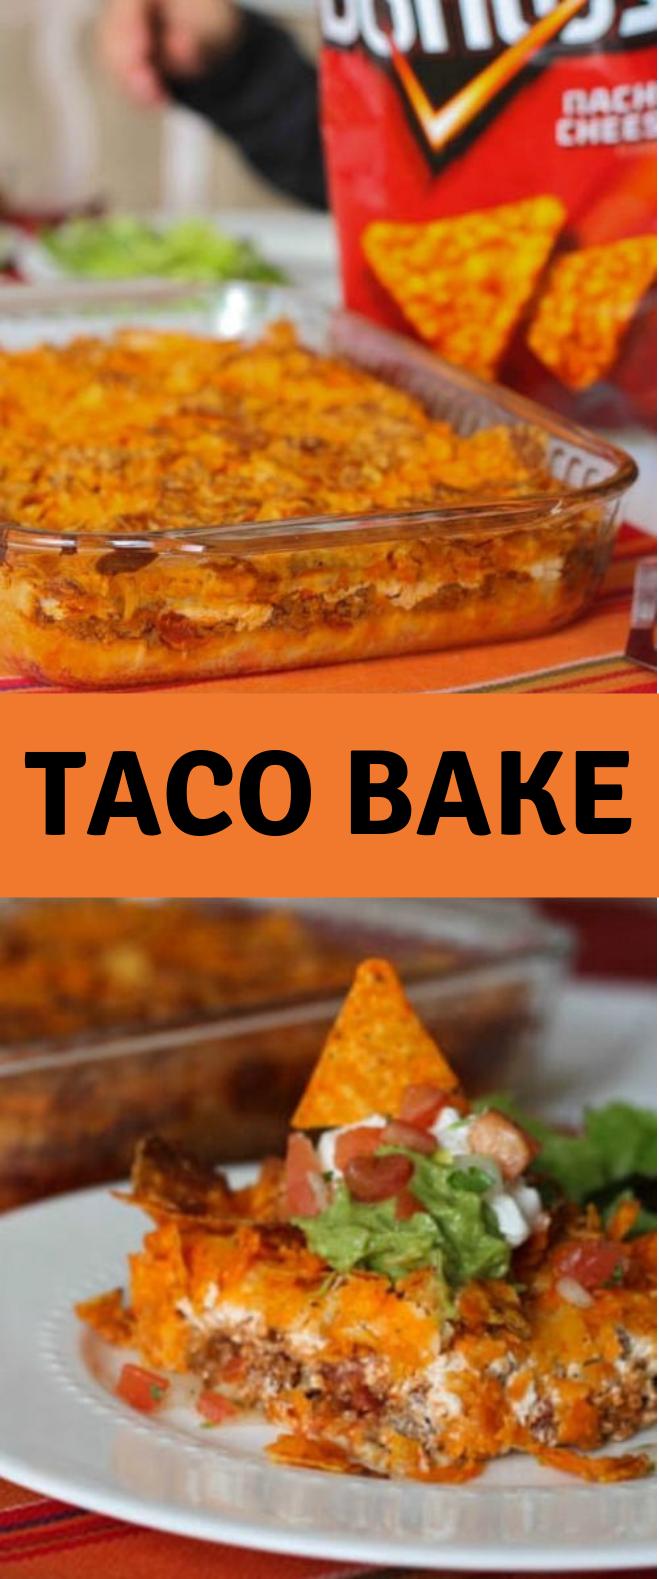 TACO BAKE #FamilyDinner #Taco